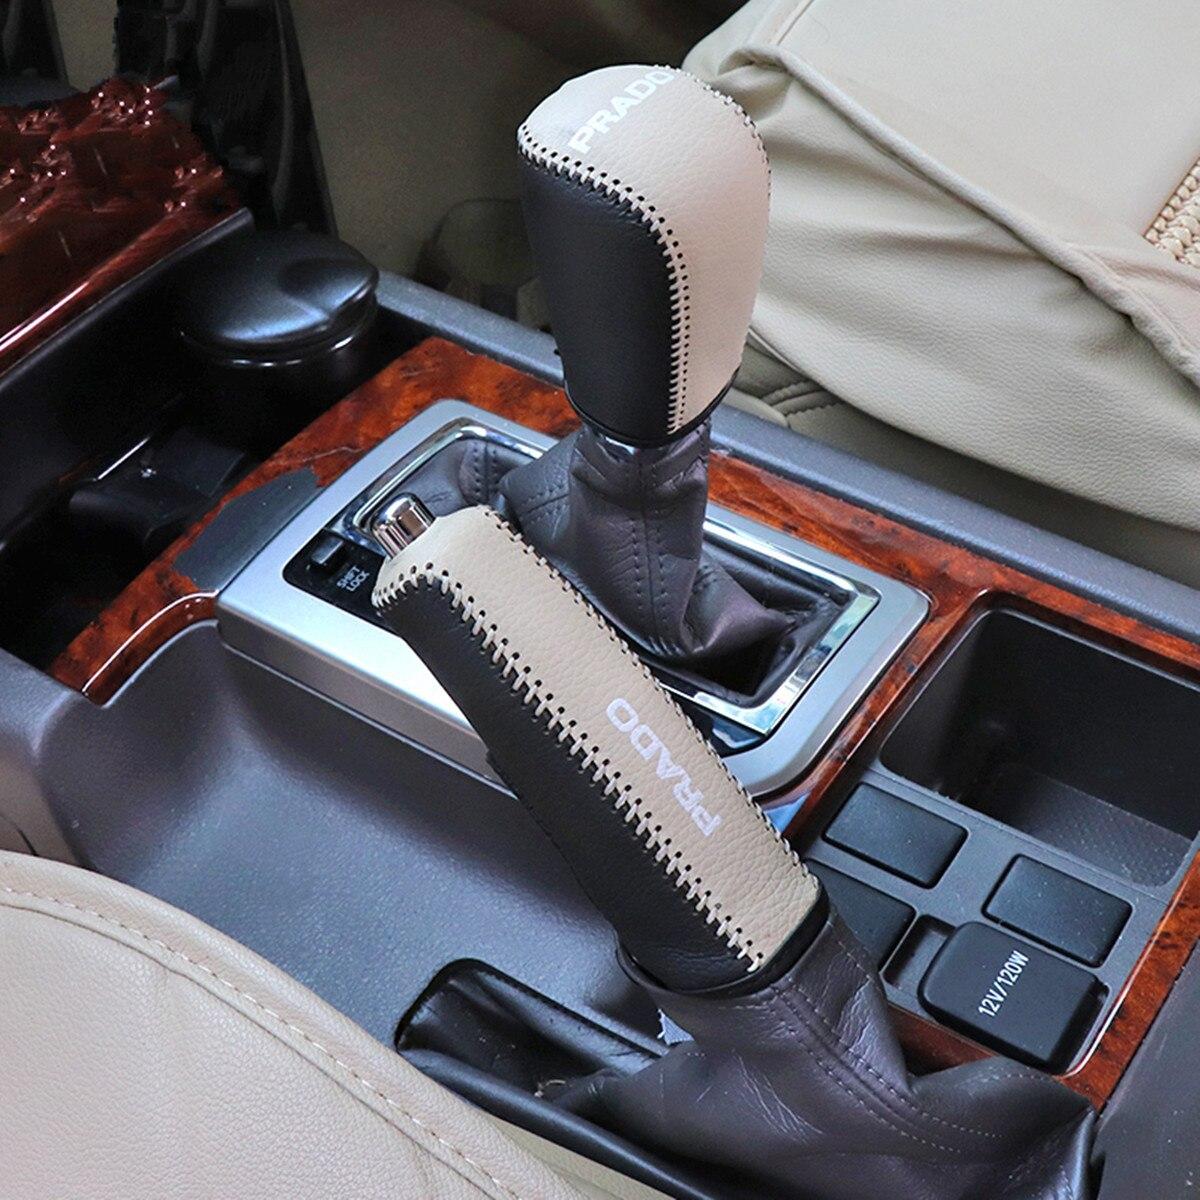 Натуральная кожа ручка переключения передач ручной тормоз крышка для Toyota Land Cruiser Prado 150 2010 2012 2013 2014 2015 2016 2017 2018-in Хромирование from Автомобили и мотоциклы